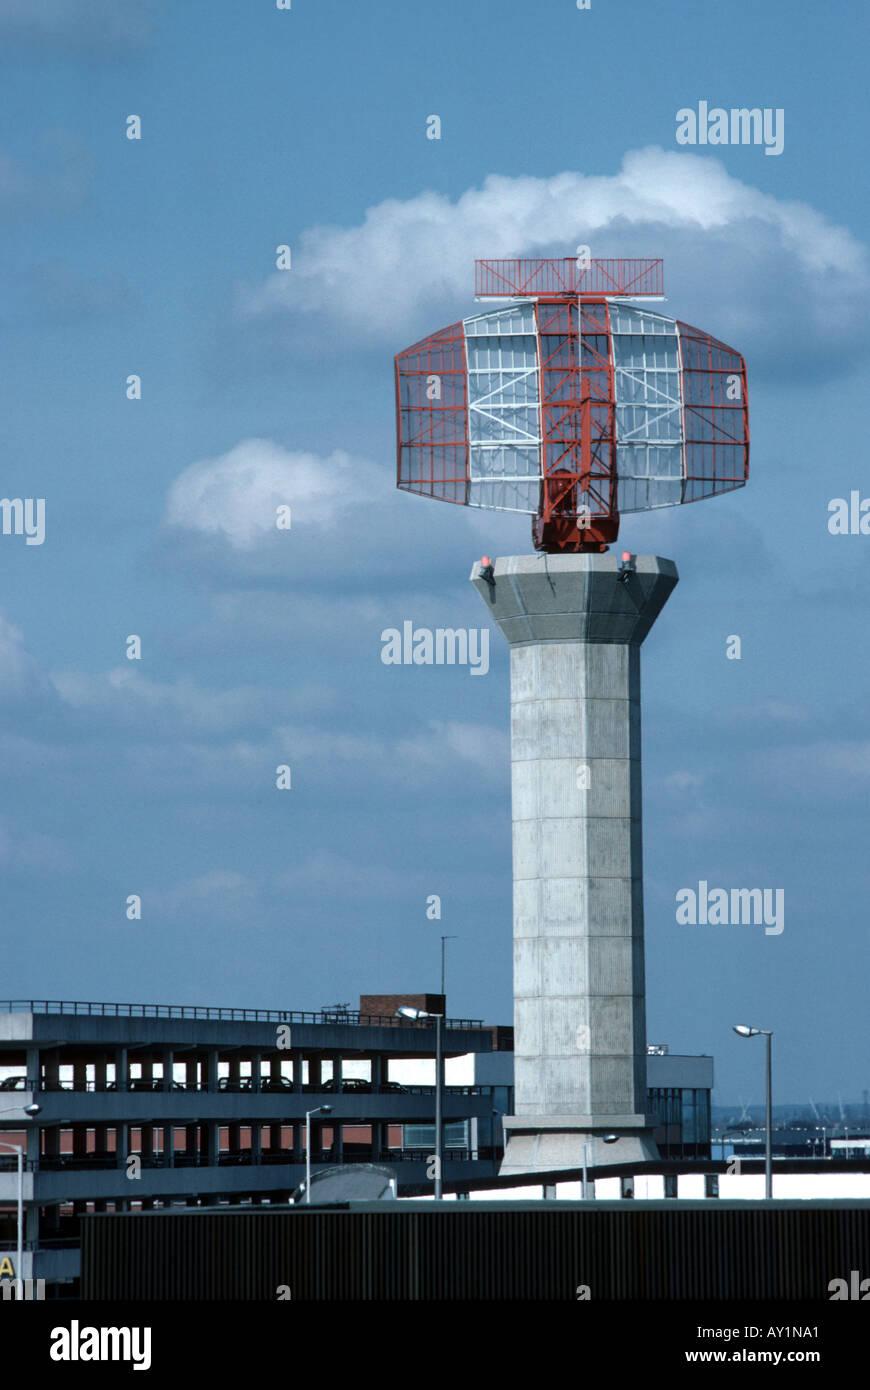 Radar at Frankfurt airport - Stock Image